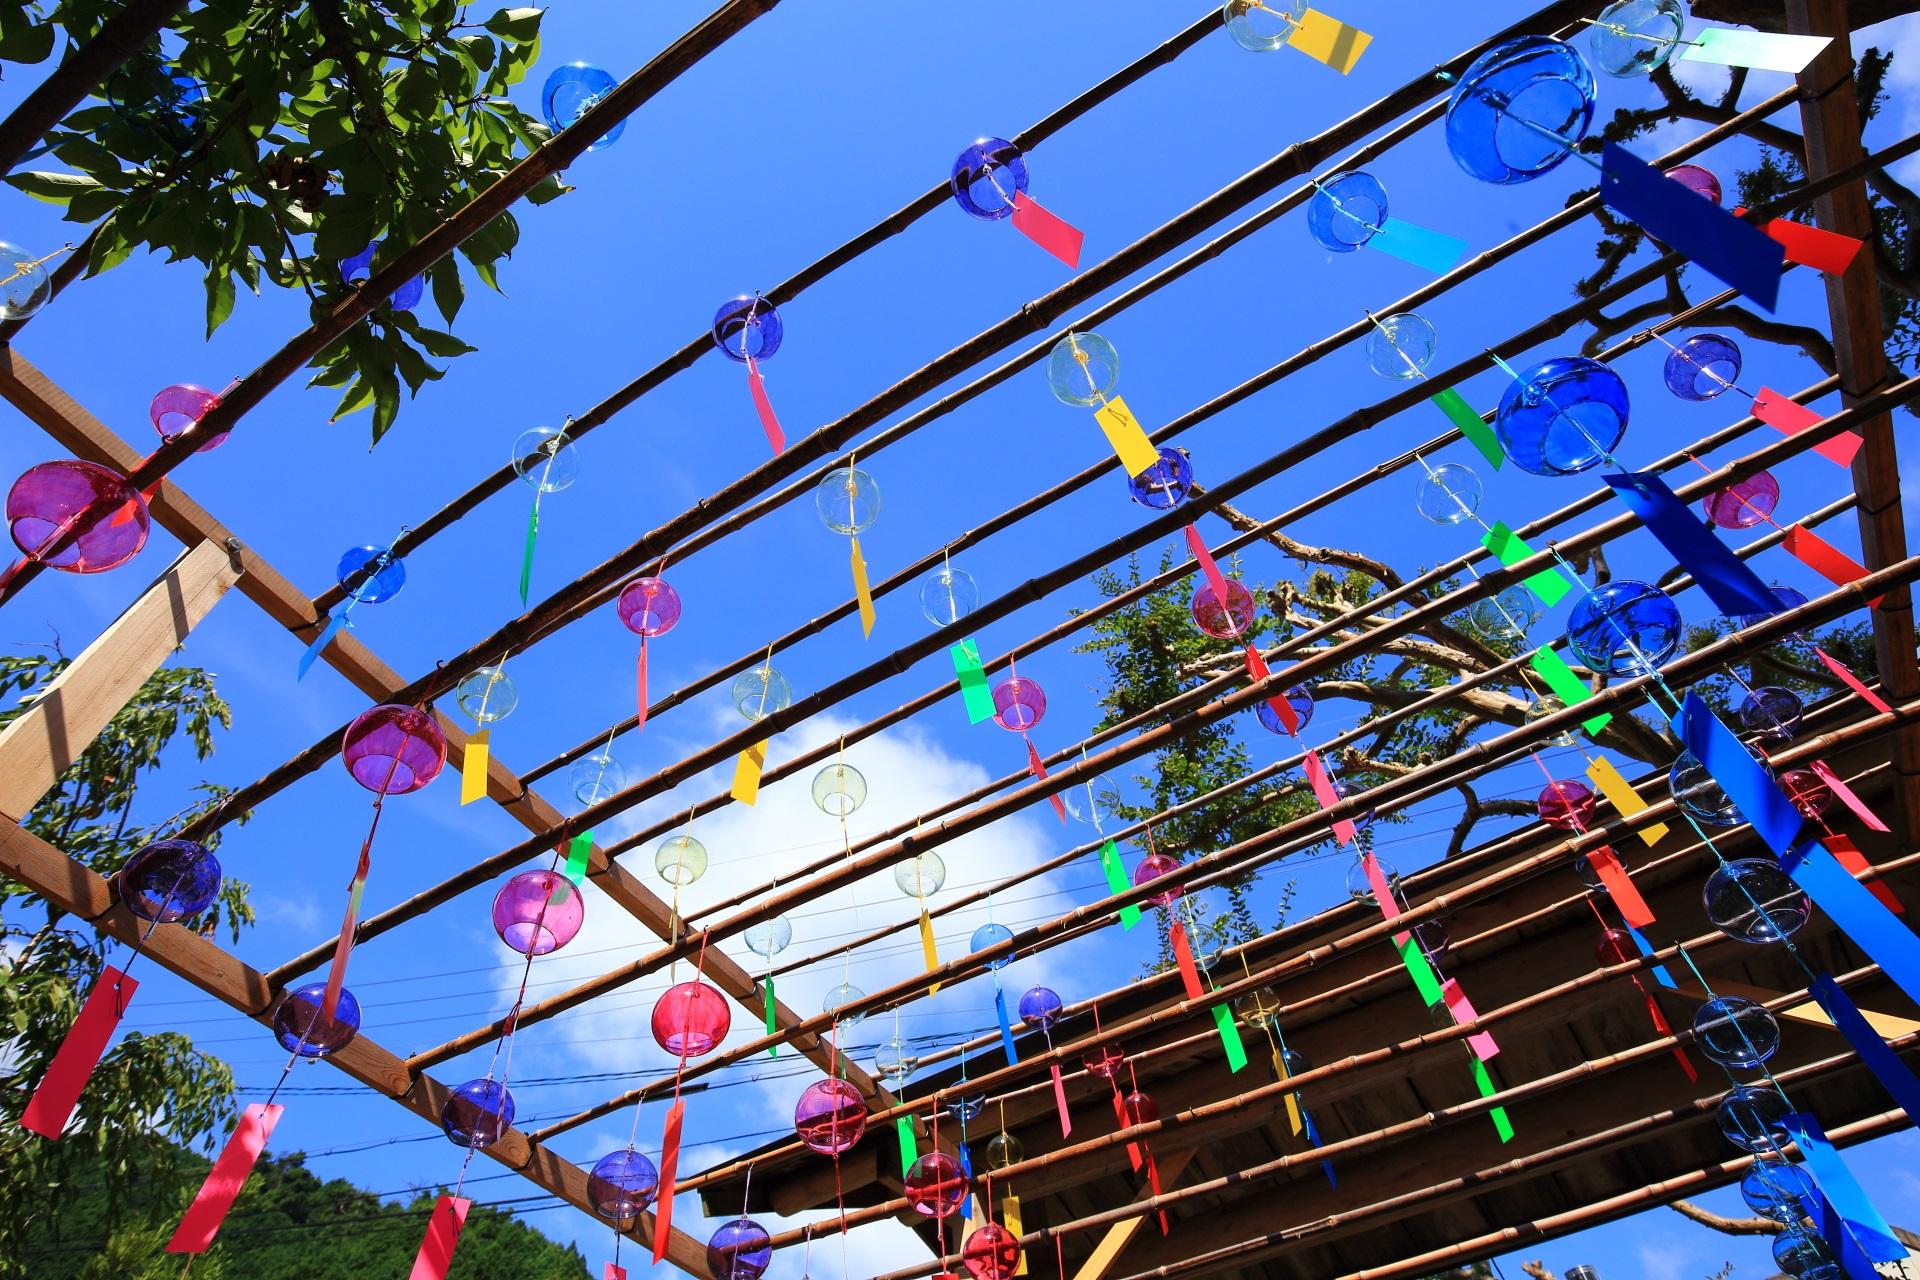 青空に映える賑やかで鮮やかな正寿院の風鈴と短冊